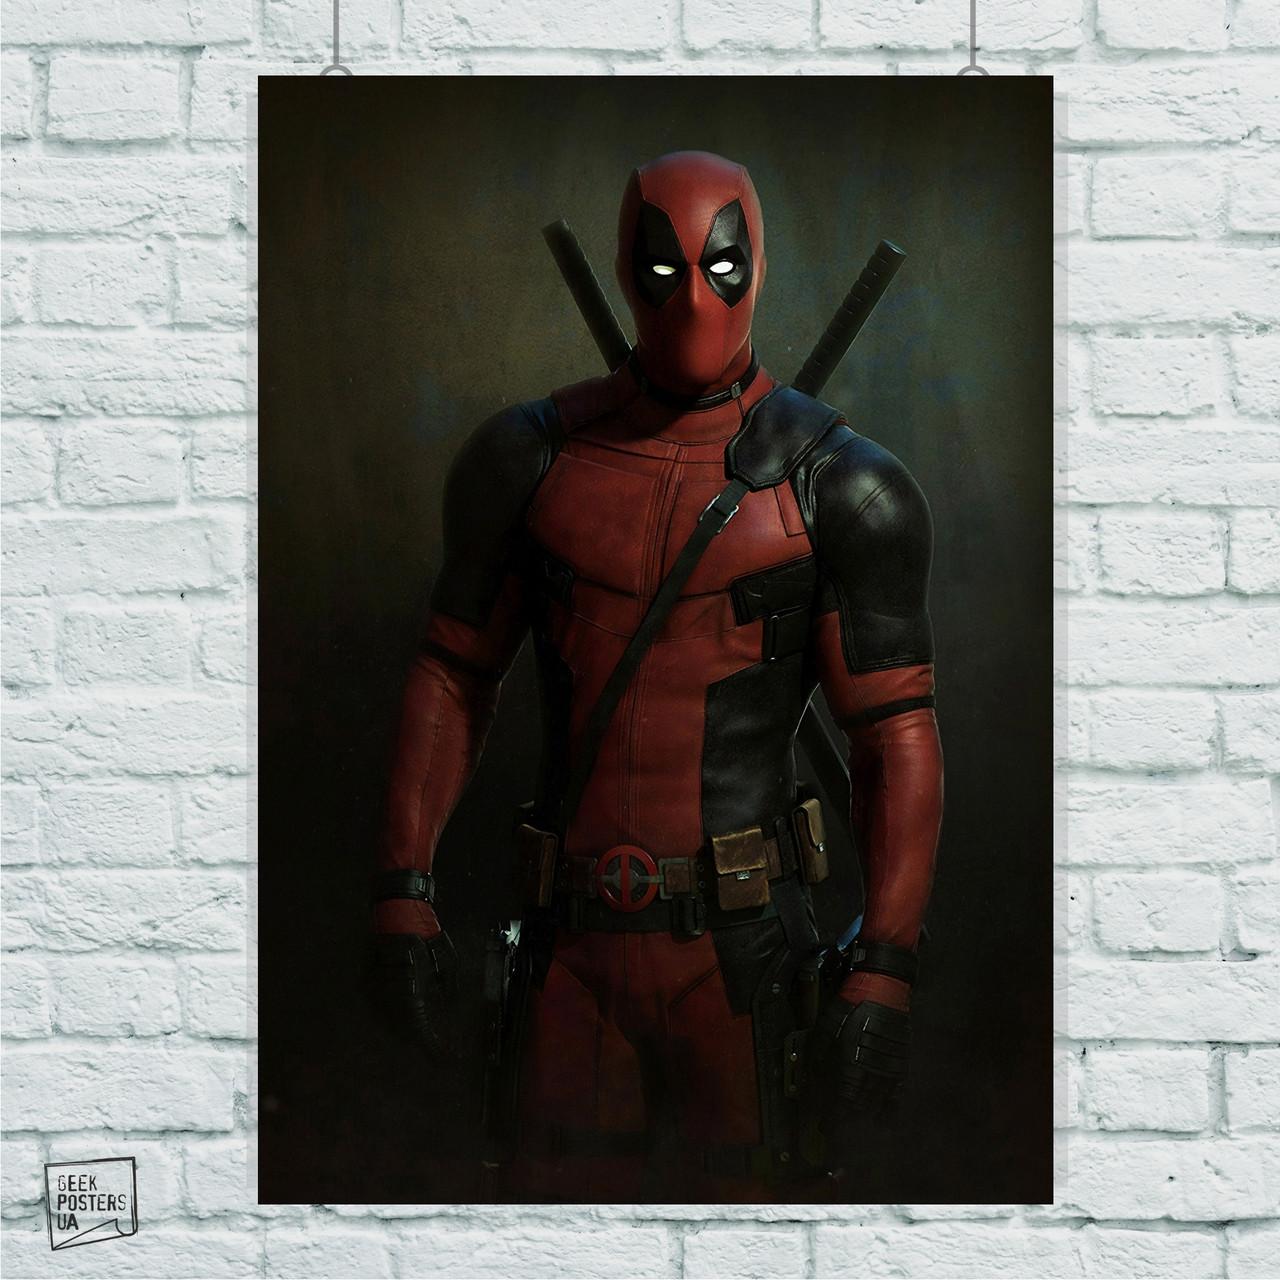 Постер Deadpool, Дэдпул, Дедпул. Размер 60x42см (A2). Глянцевая бумага